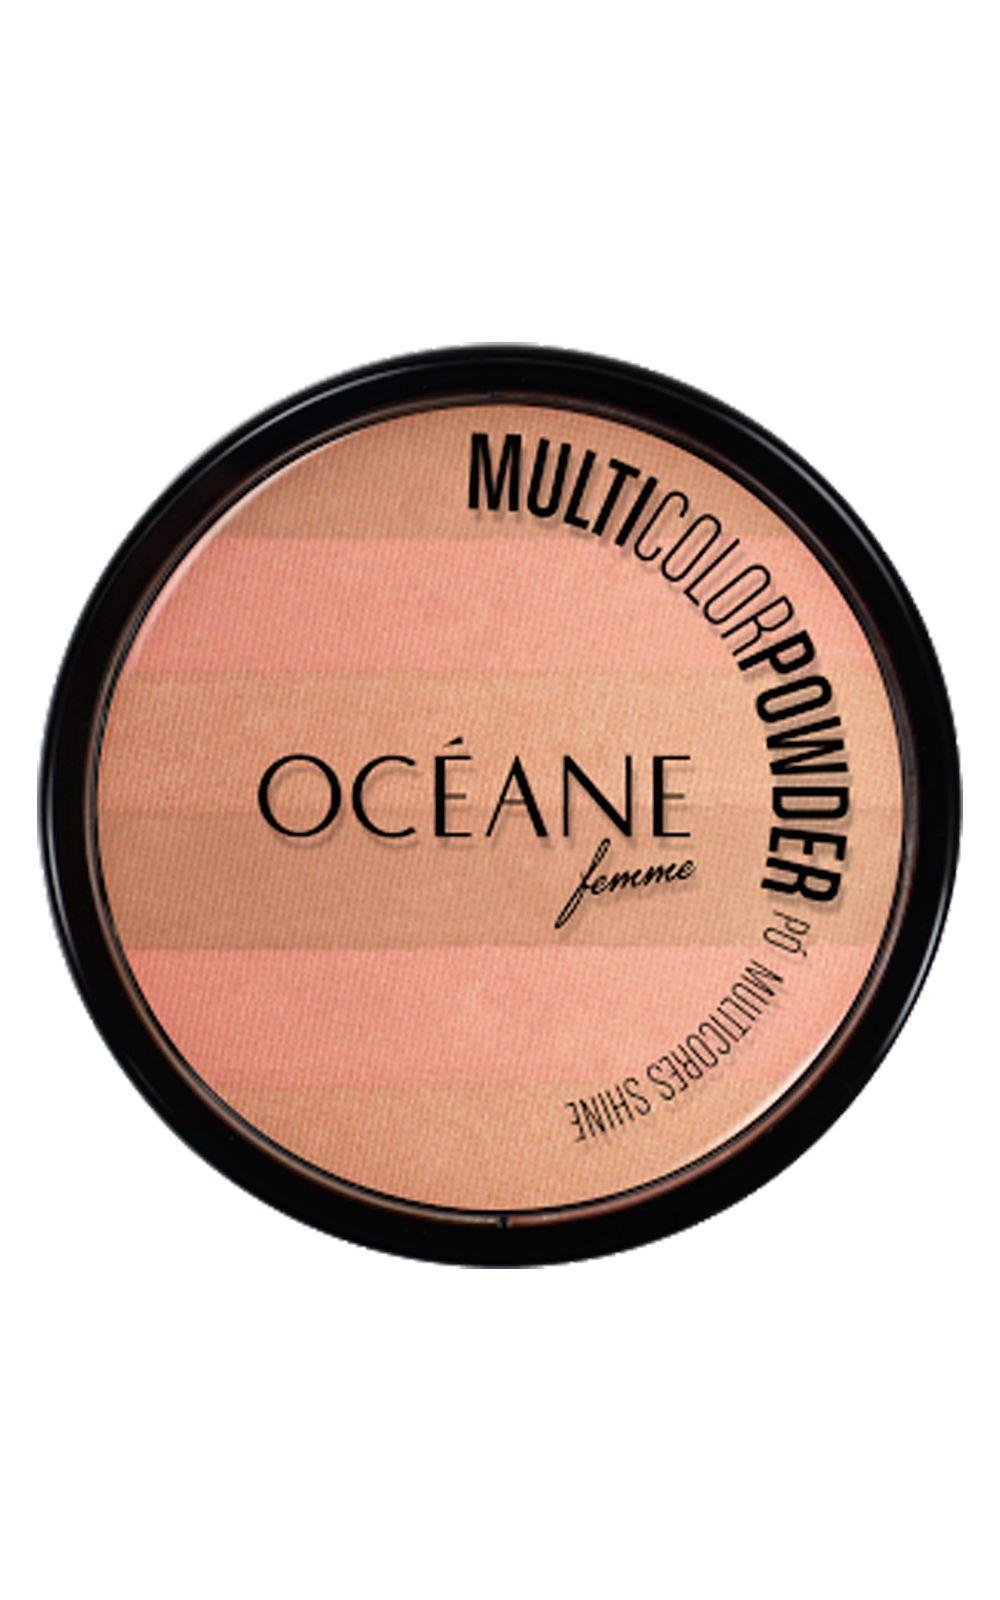 Foto 1 - Multicolor Powder Shine Océane - Pó Facial - Multicolor